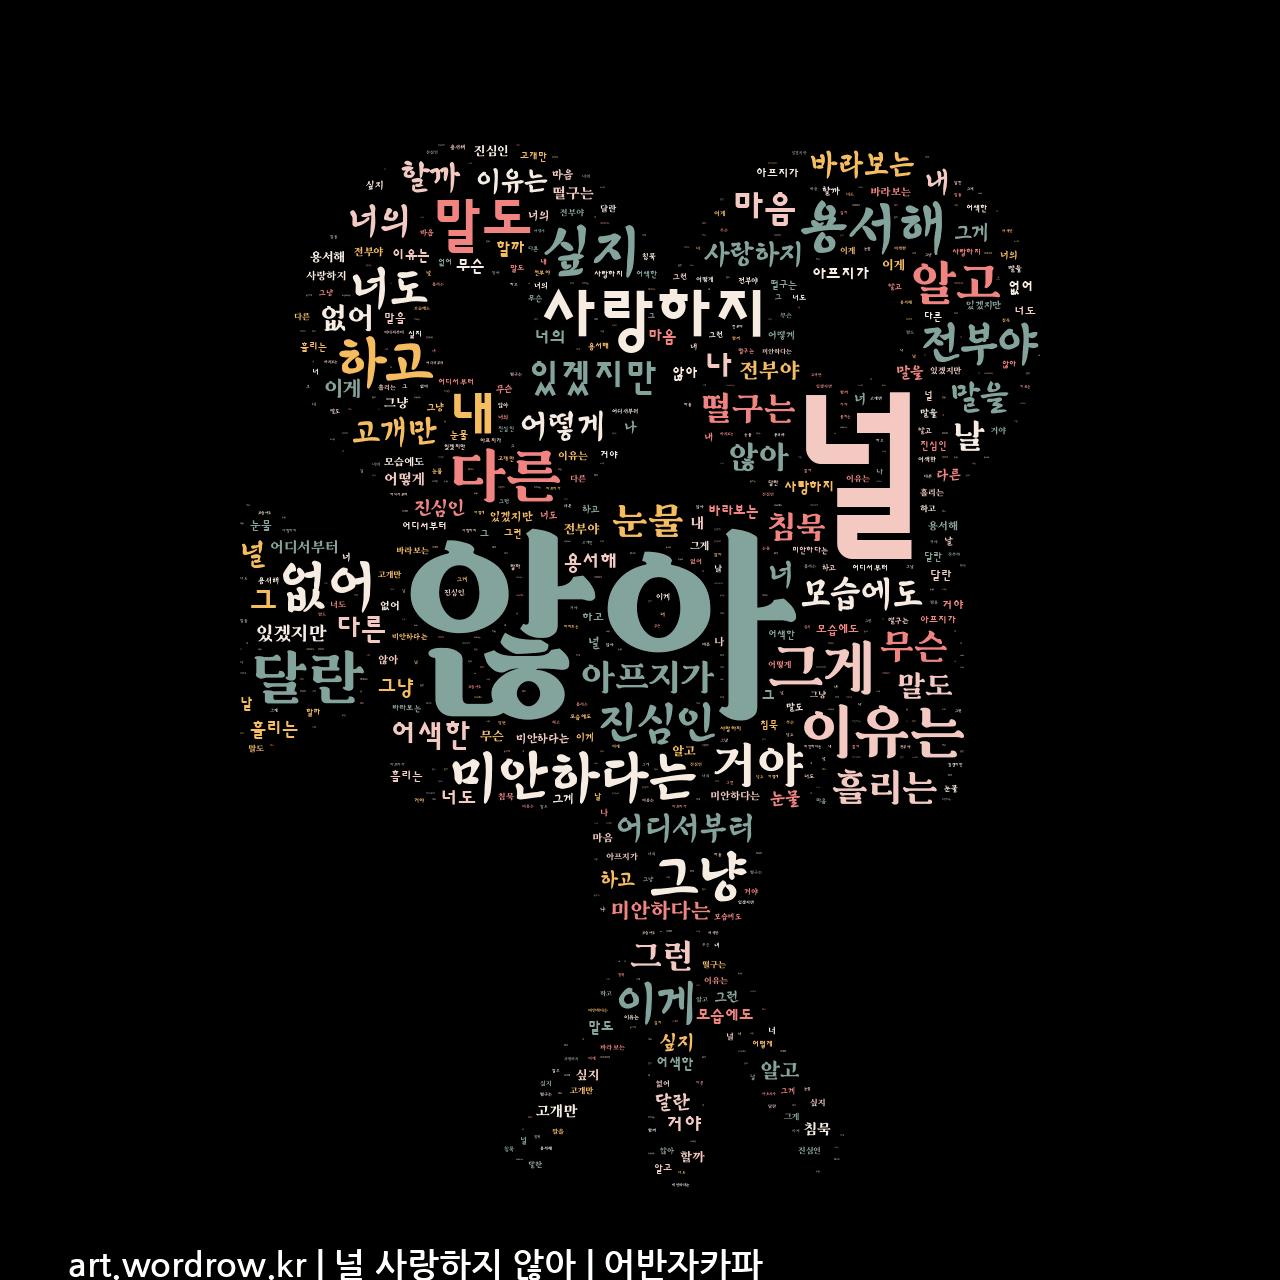 워드 아트: 널 사랑하지 않아 [어반자카파]-15